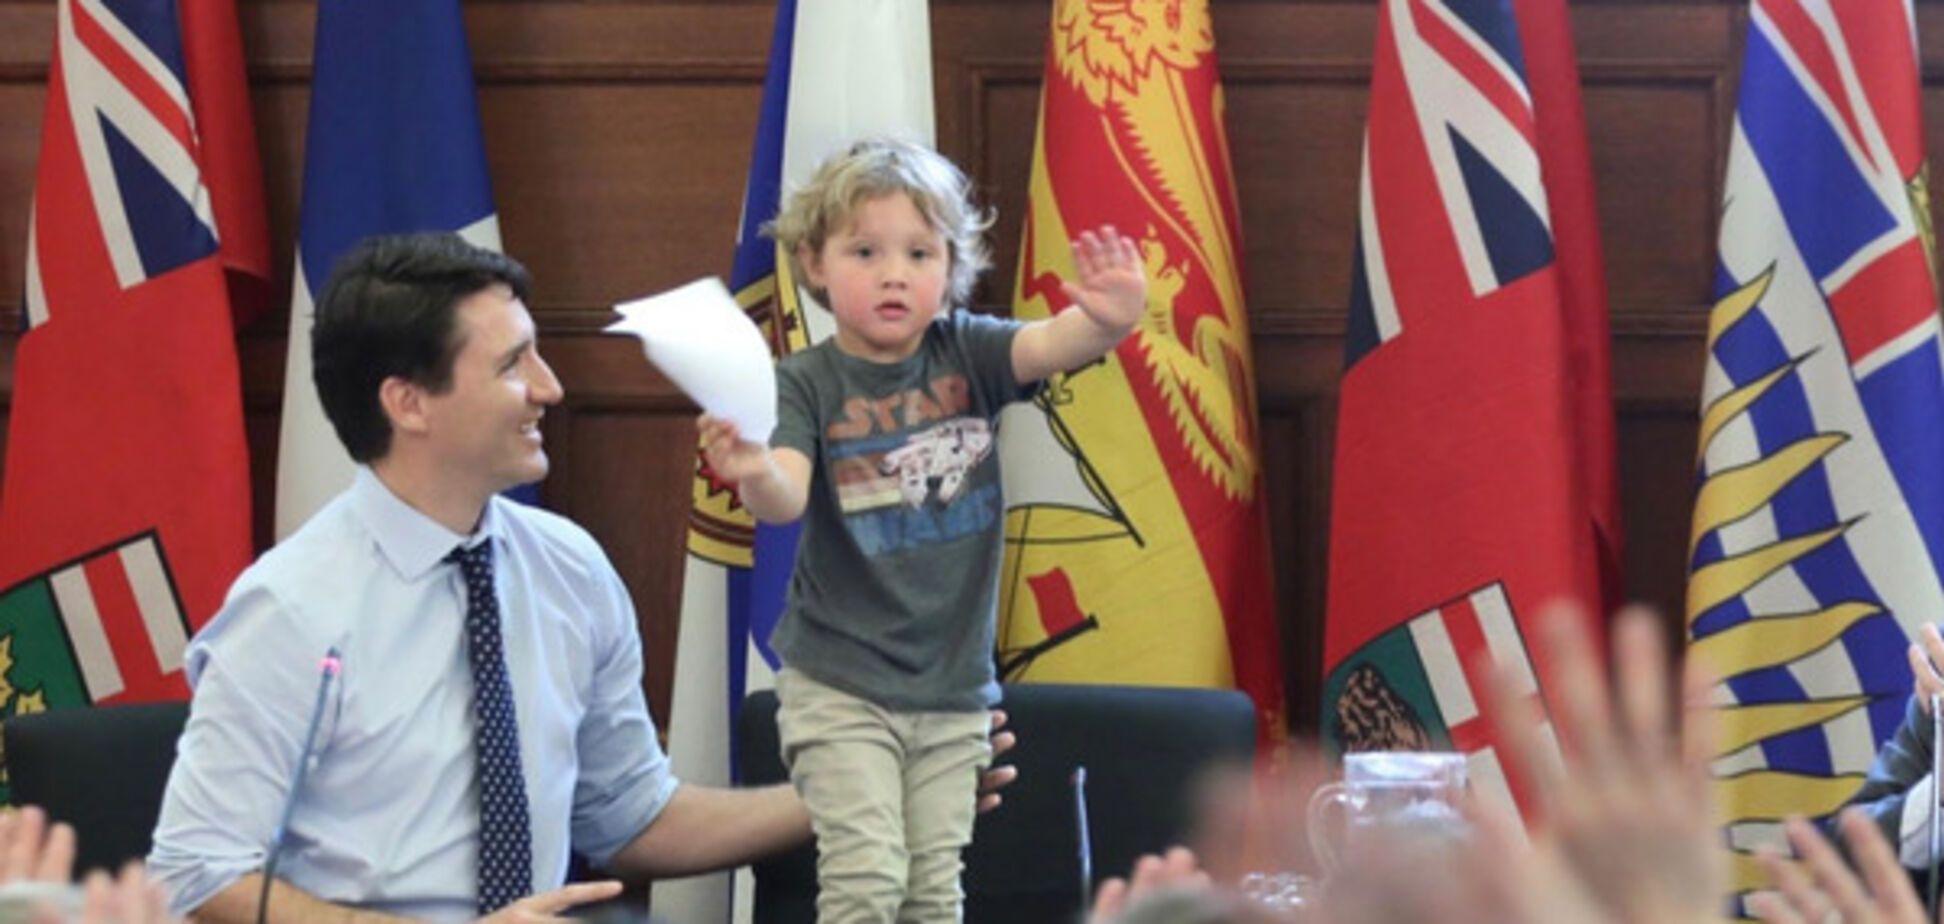 Ну и кто здесь главный? Премьер Канады пришел на работу с трехлетним сыном